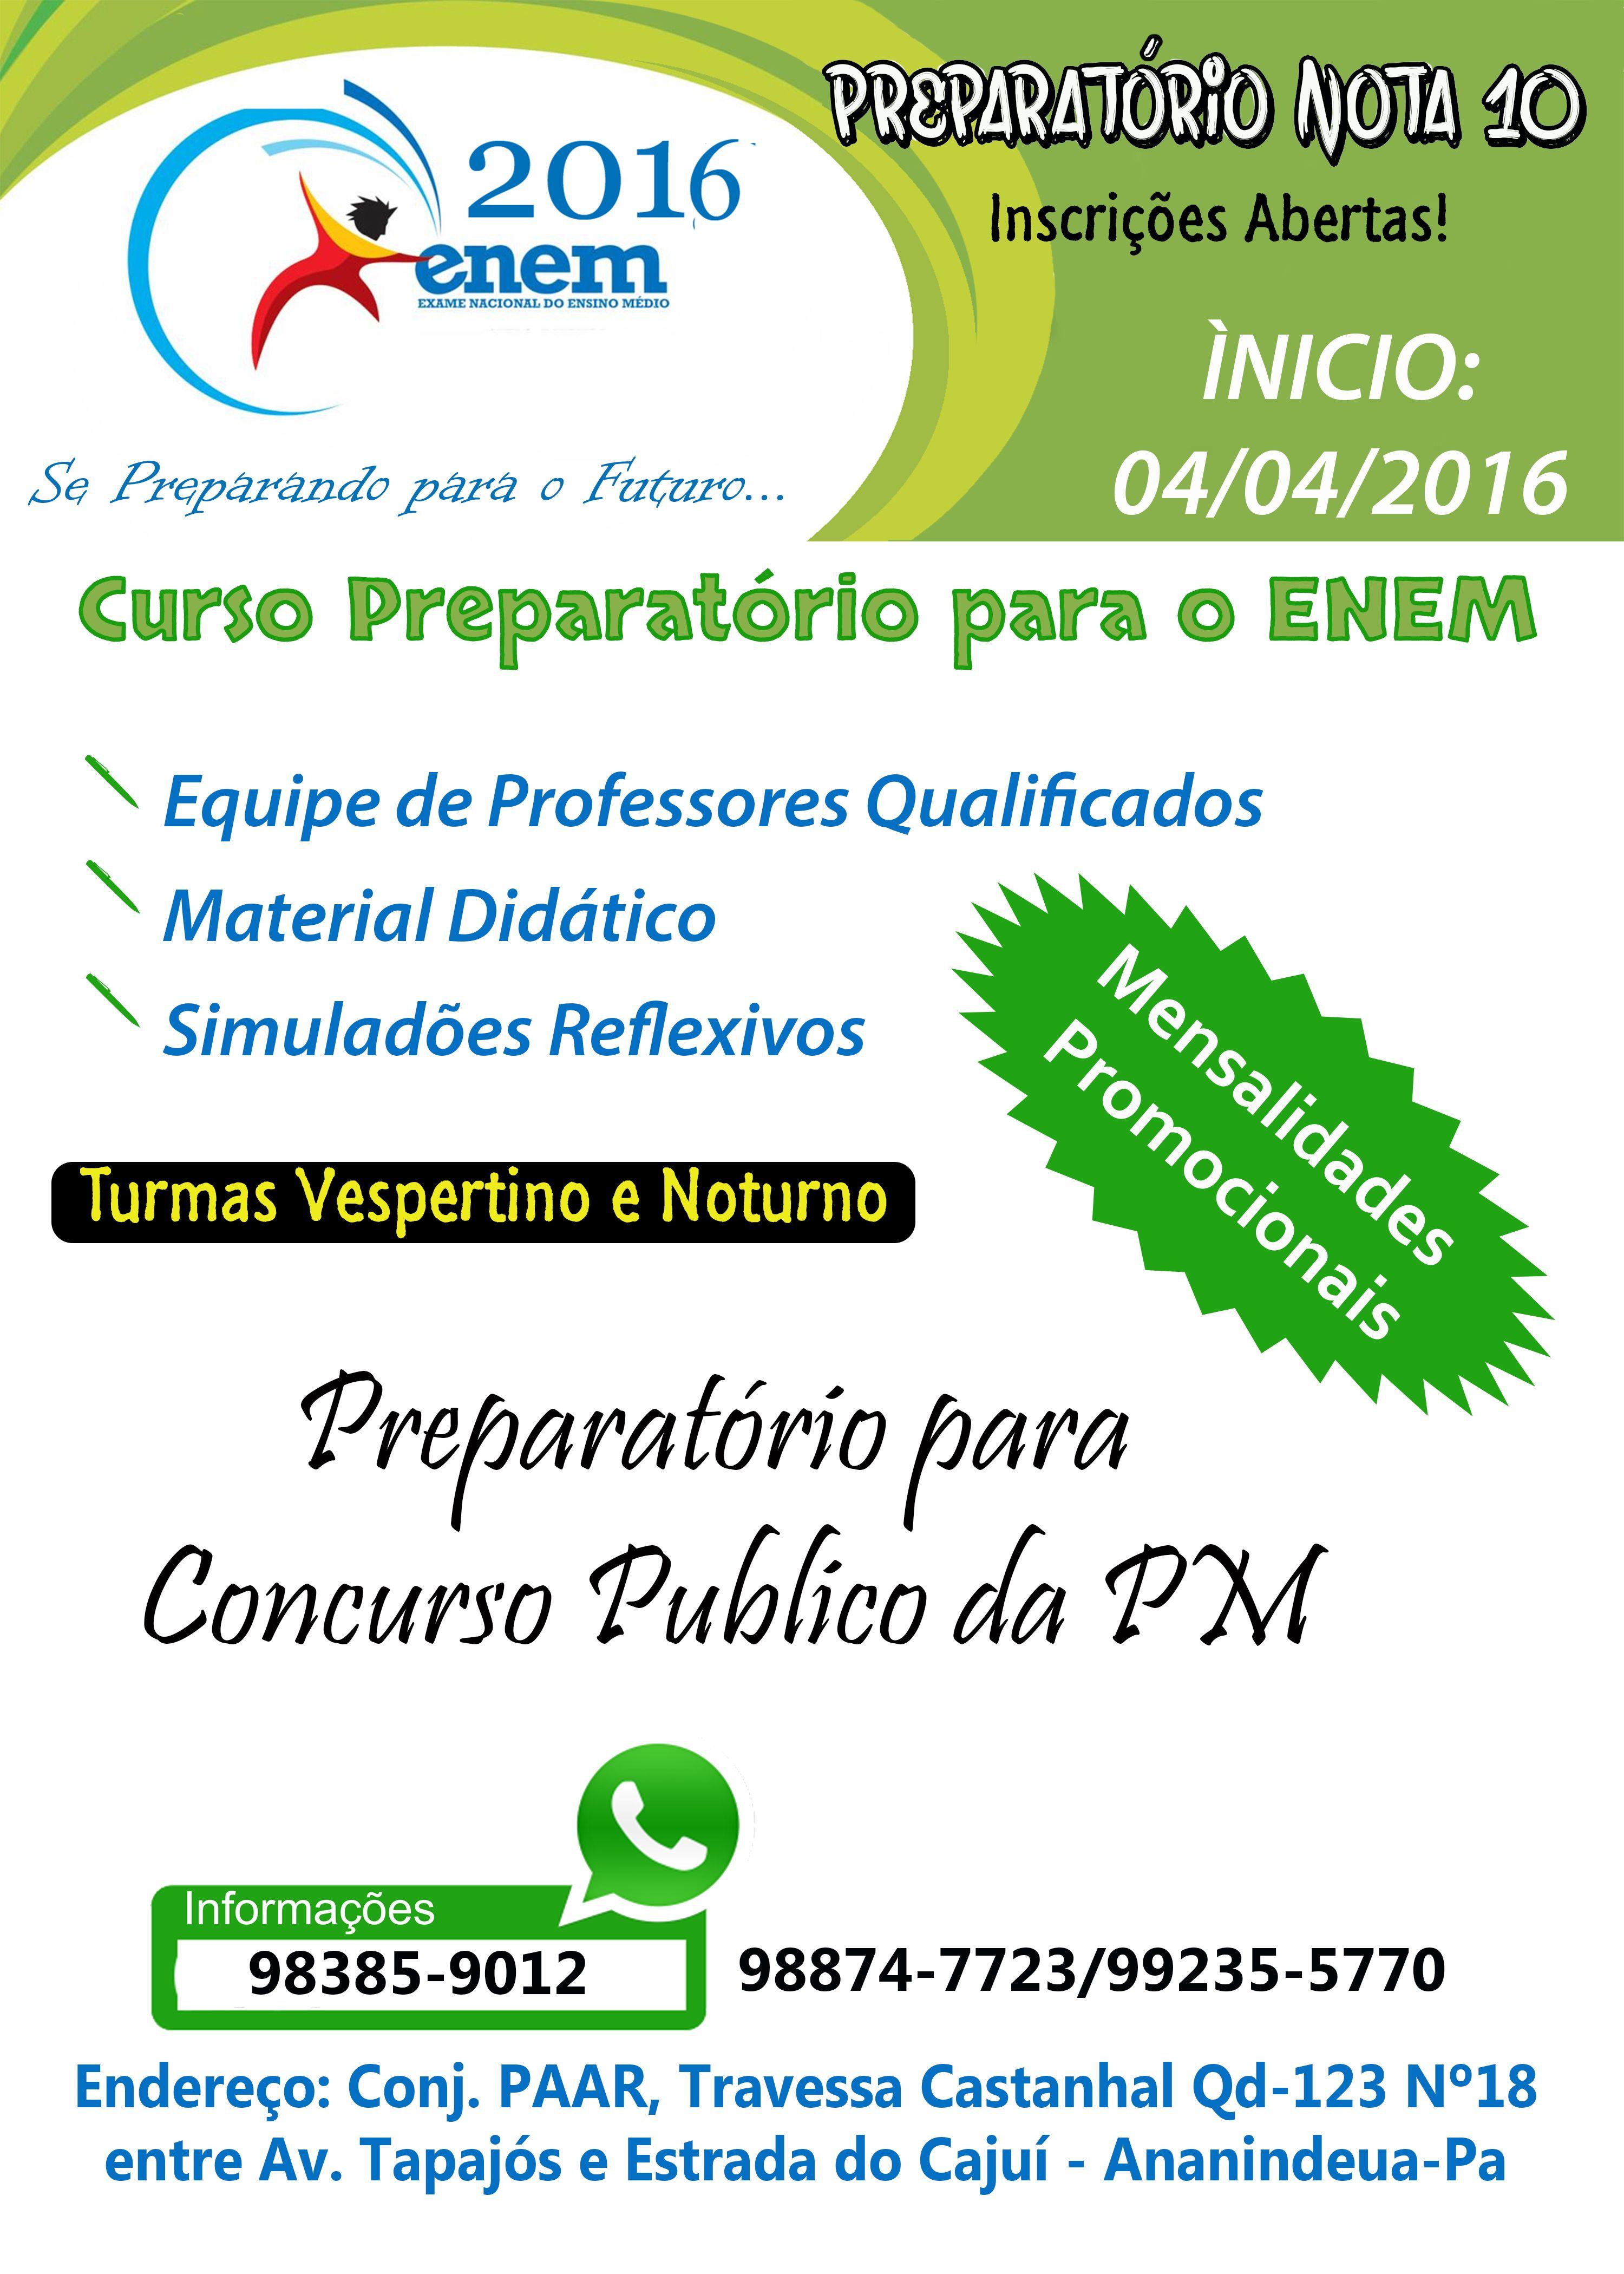 Aberta as Inscrições para Cursinho preparatório do ENEM TURMAS: Tarde e Noite Prof. Rui (98385-9012) Whatssap